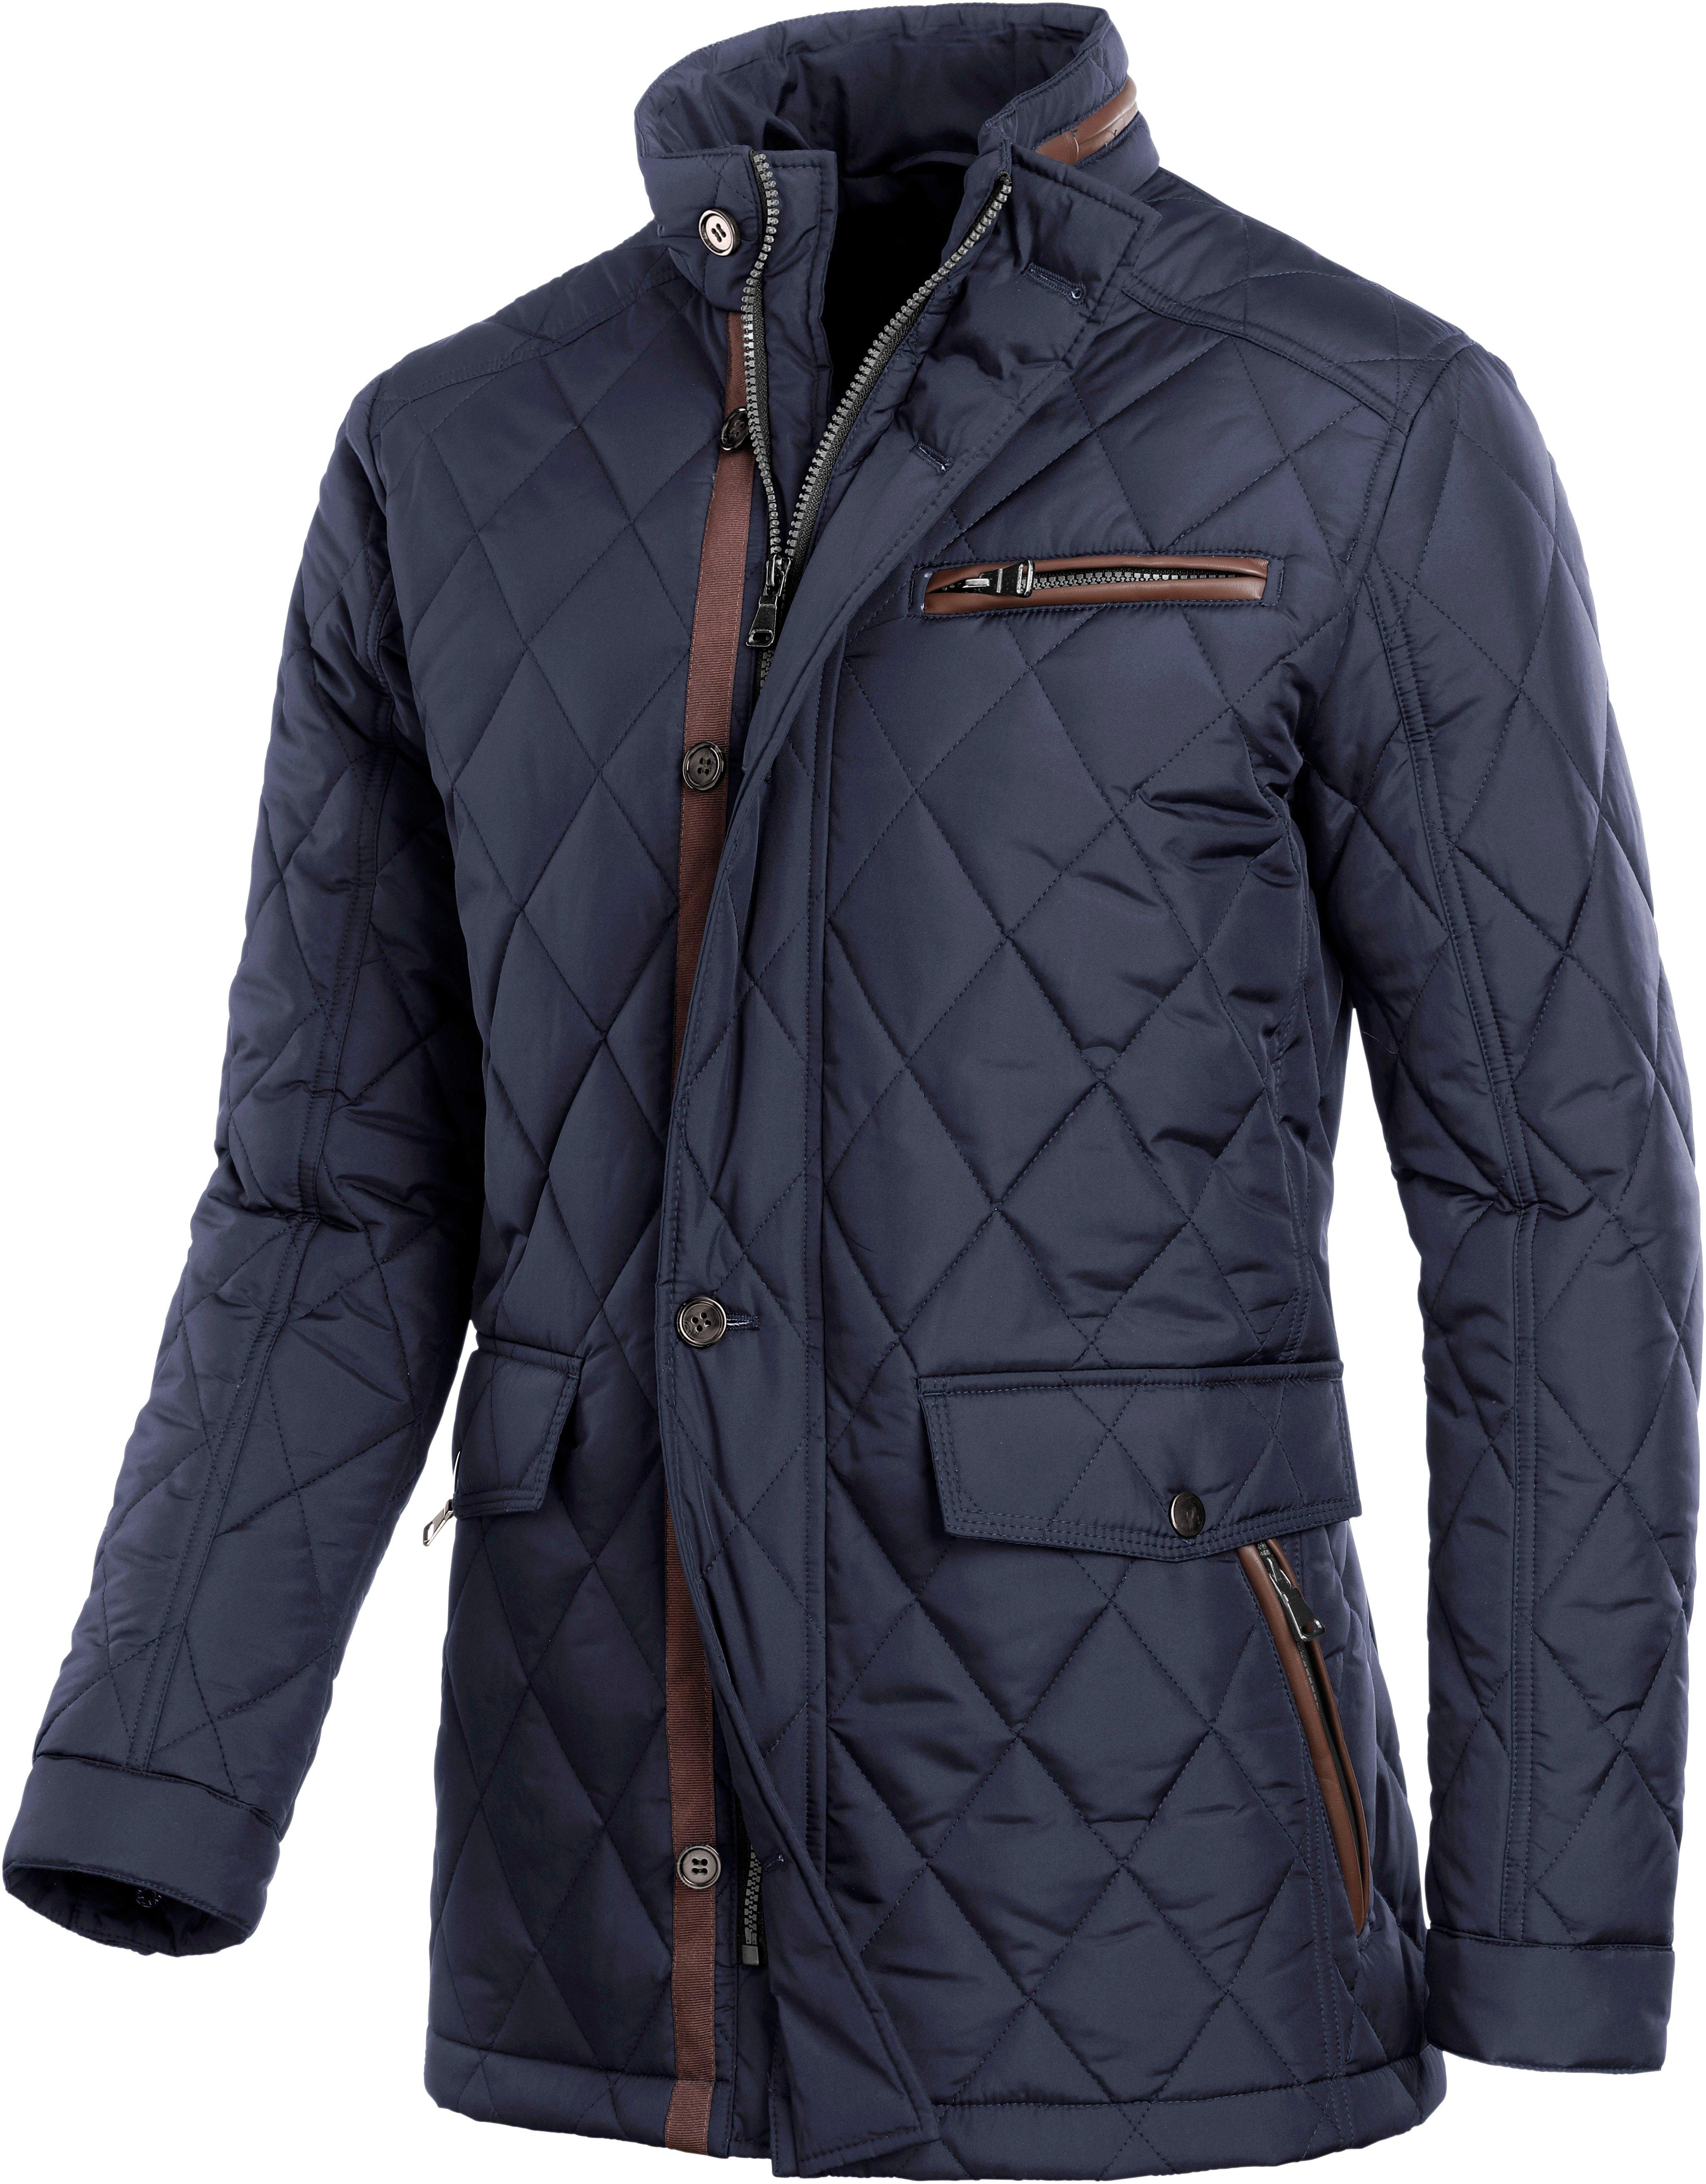 Winterjas Voor Oudere Dames.Winterjassen Voor Heren Kopen Collectie 2018 2019 Otto